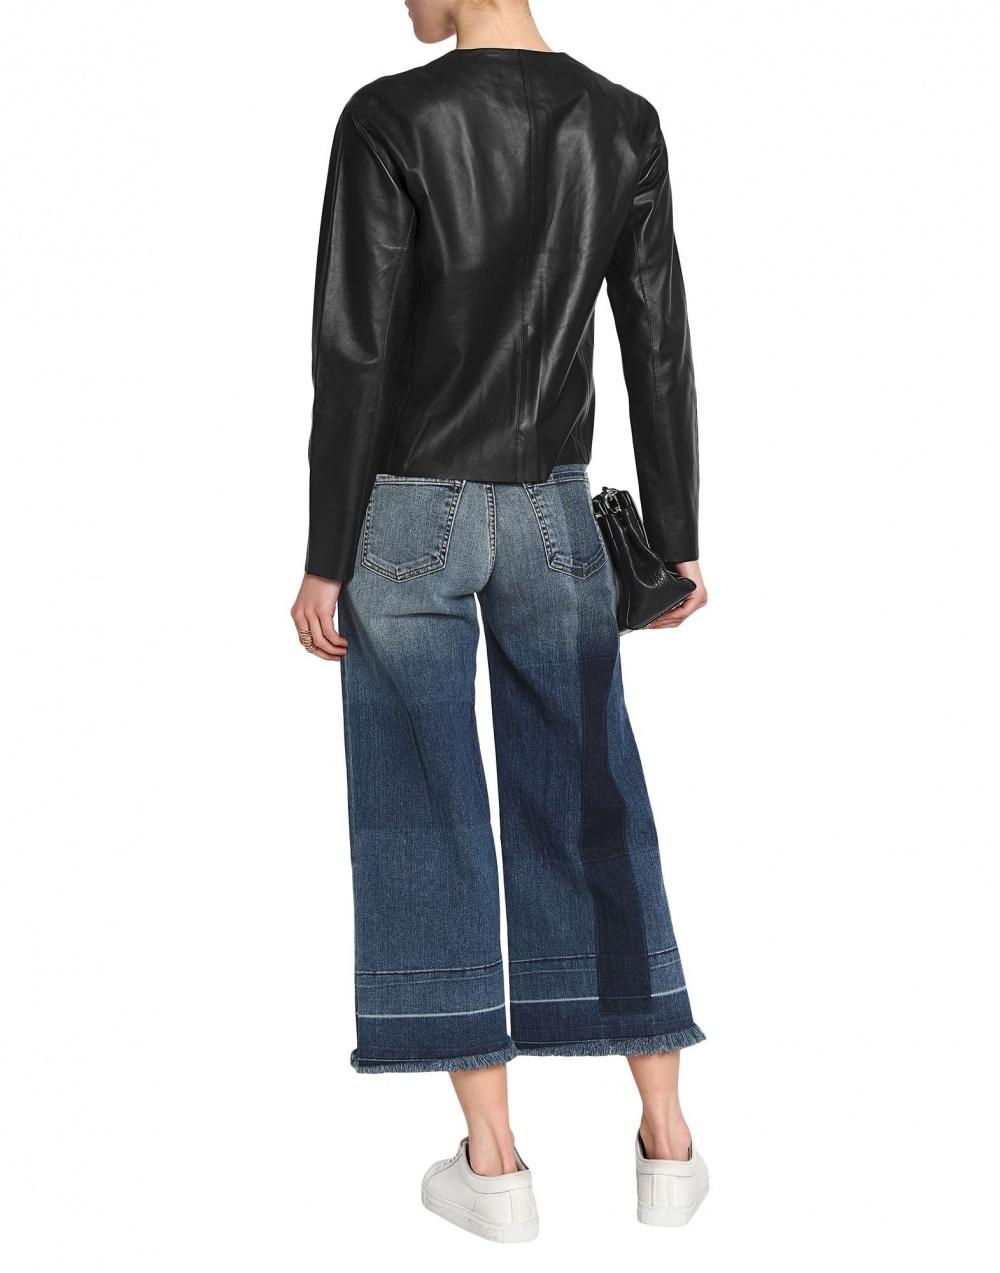 Кожаная куртка jbrand 48 размера